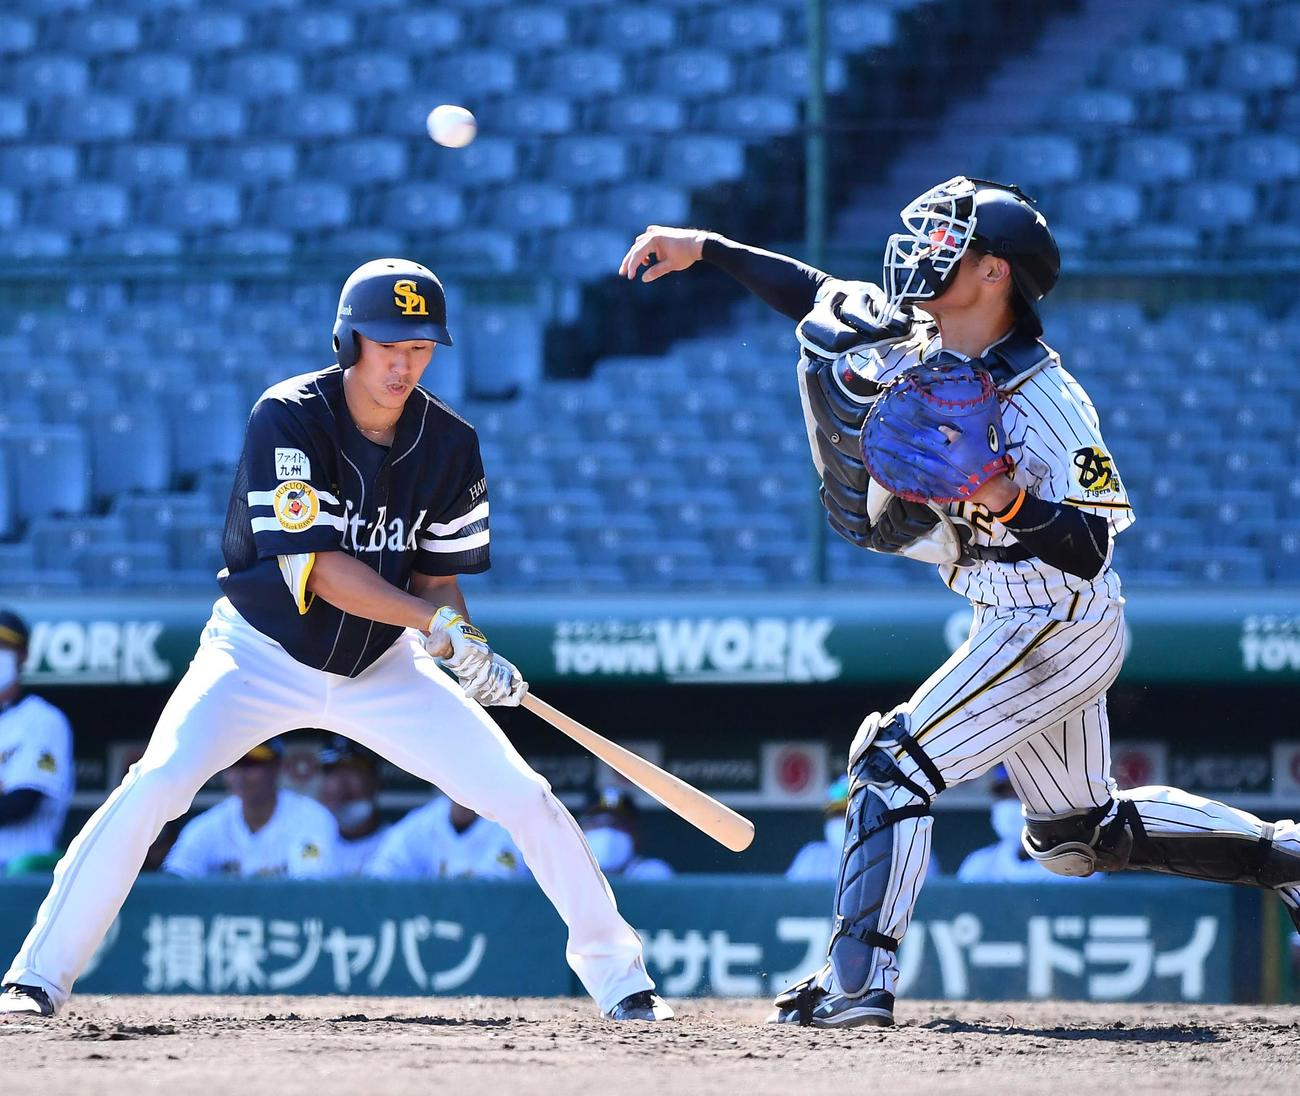 阪神対ソフトバンク 5回表ソフトバンク1死一塁、二盗を狙う甲斐を刺す坂本(撮影・上田博志)